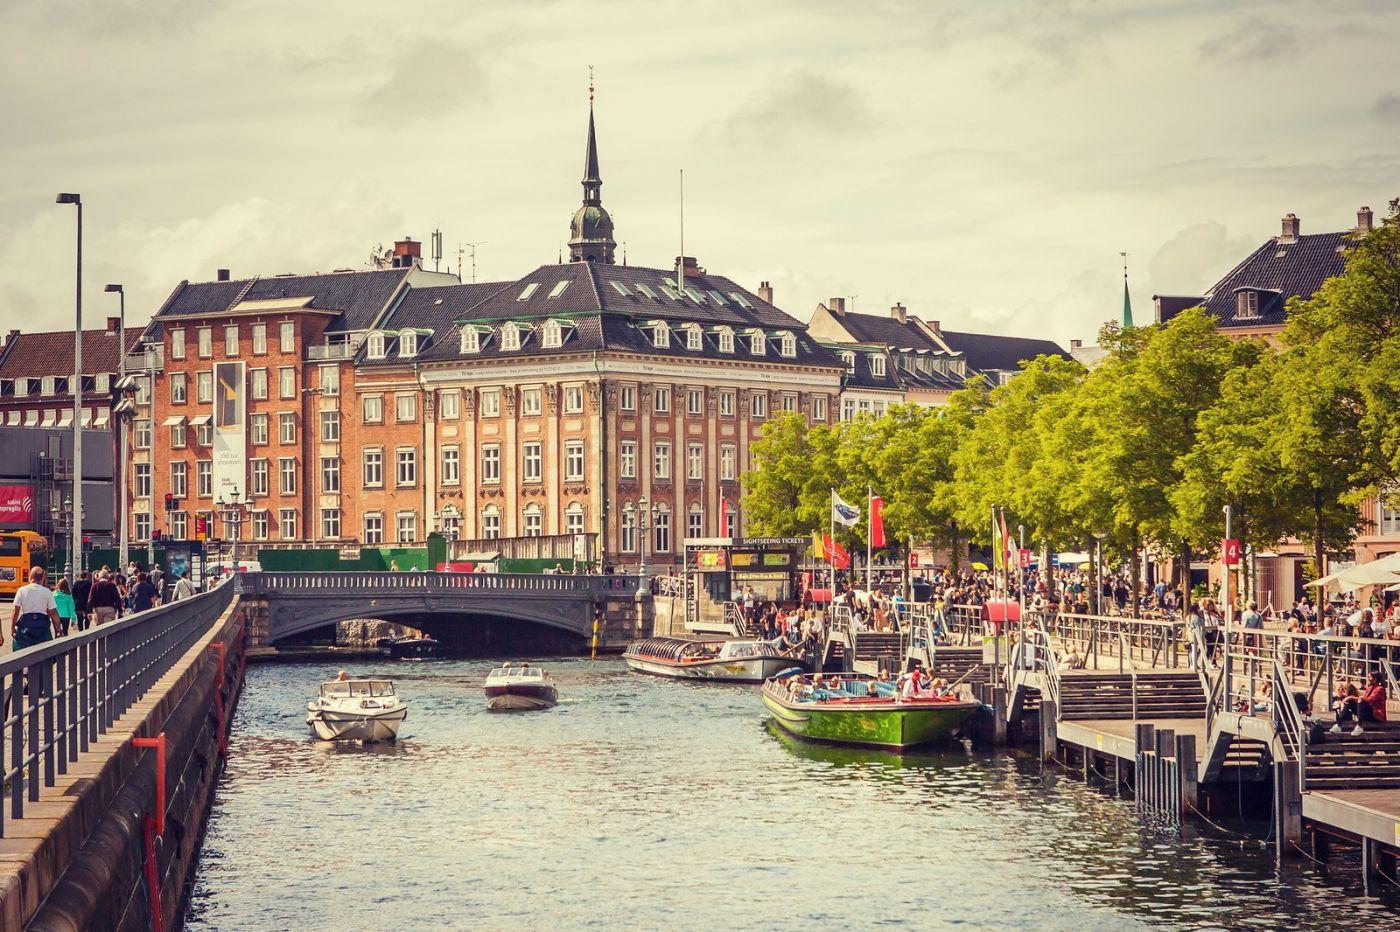 丹麦哥本哈根,新旧融合的城市_图1-1